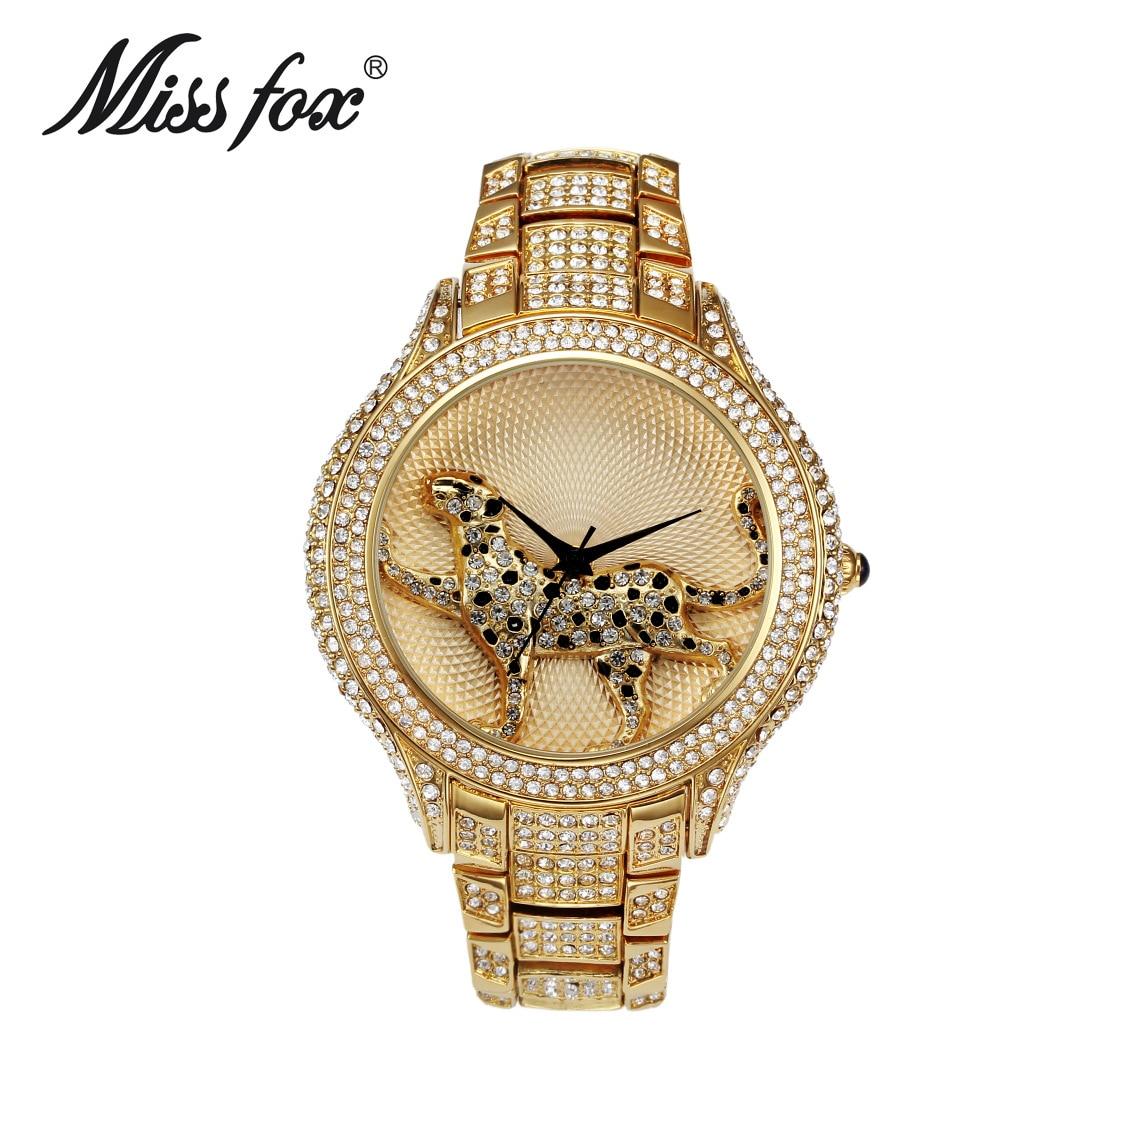 Panna lisa zegarek trójwymiarowy lampart diament wodoodporny zegarek - Zegarki damskie - Zdjęcie 5